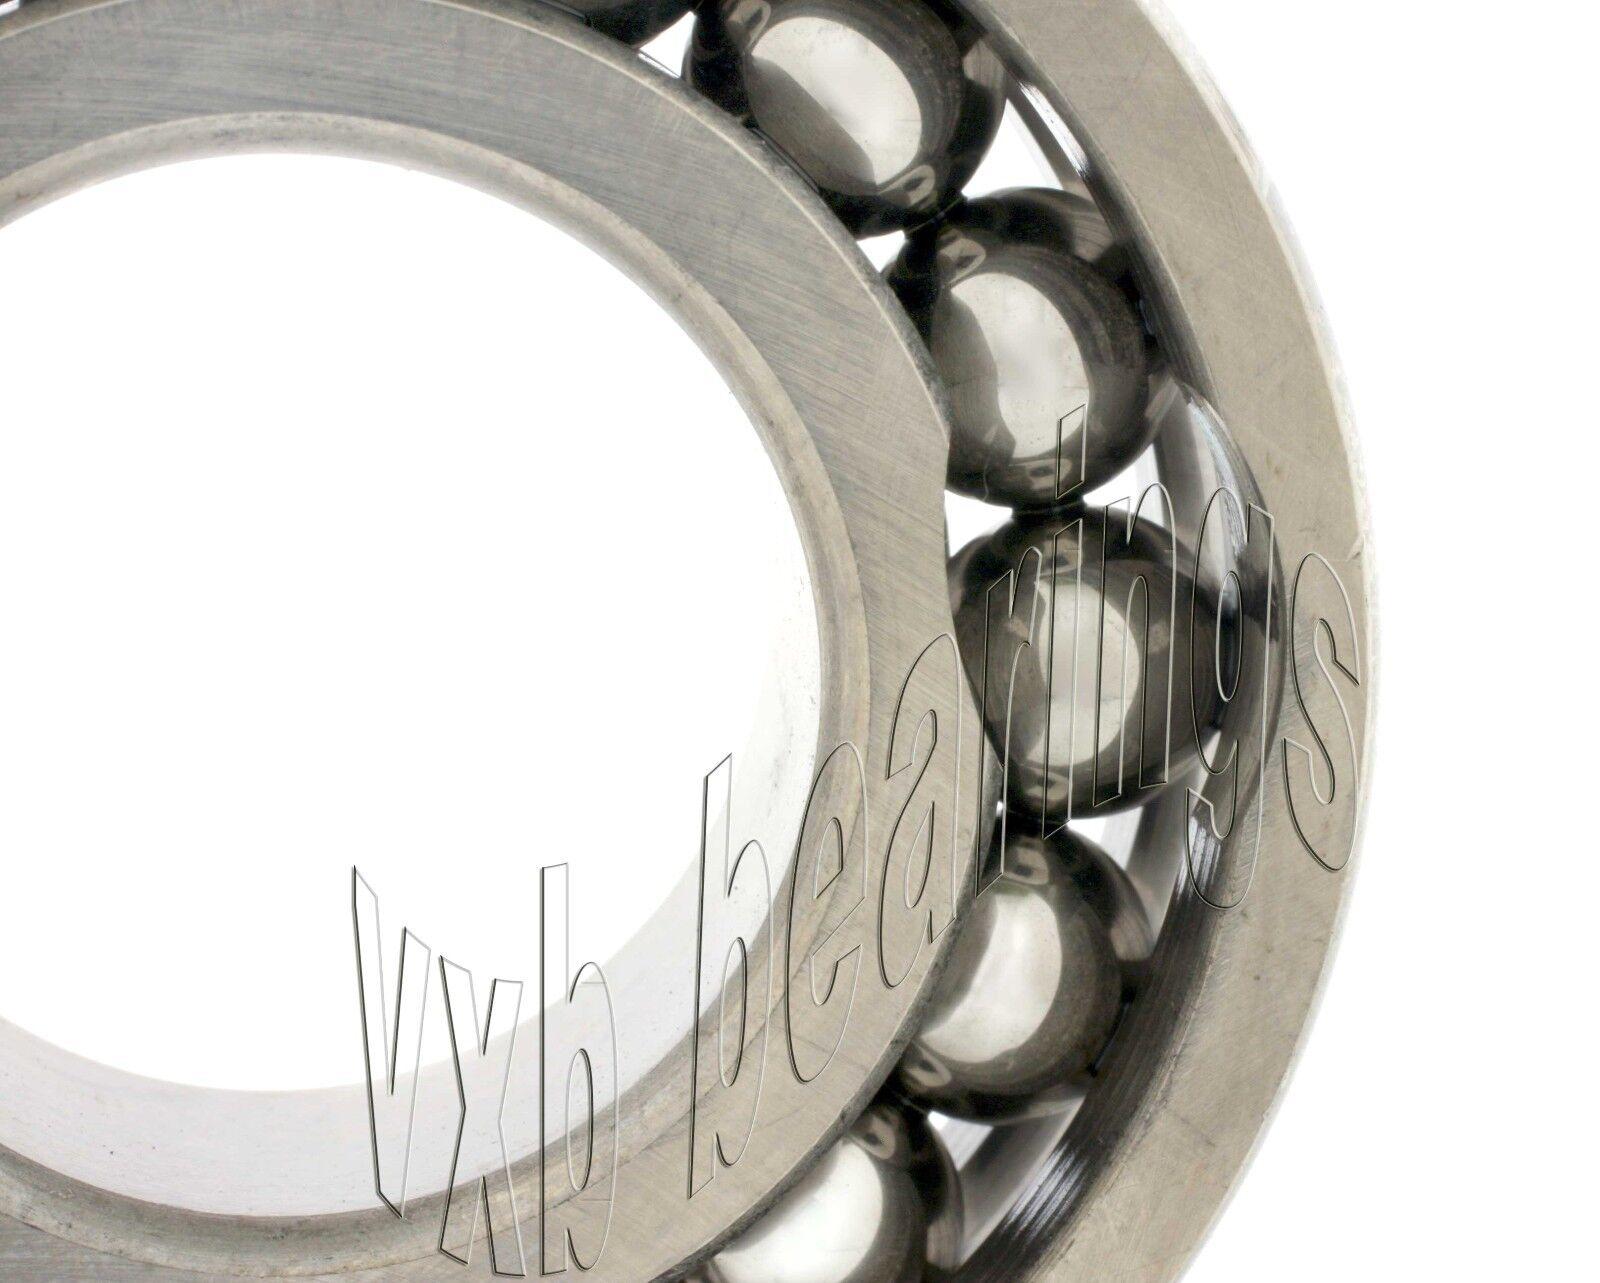 6002 High Temperature Bearing 900 Degrees 15x32x9 Ball Bearings 19435